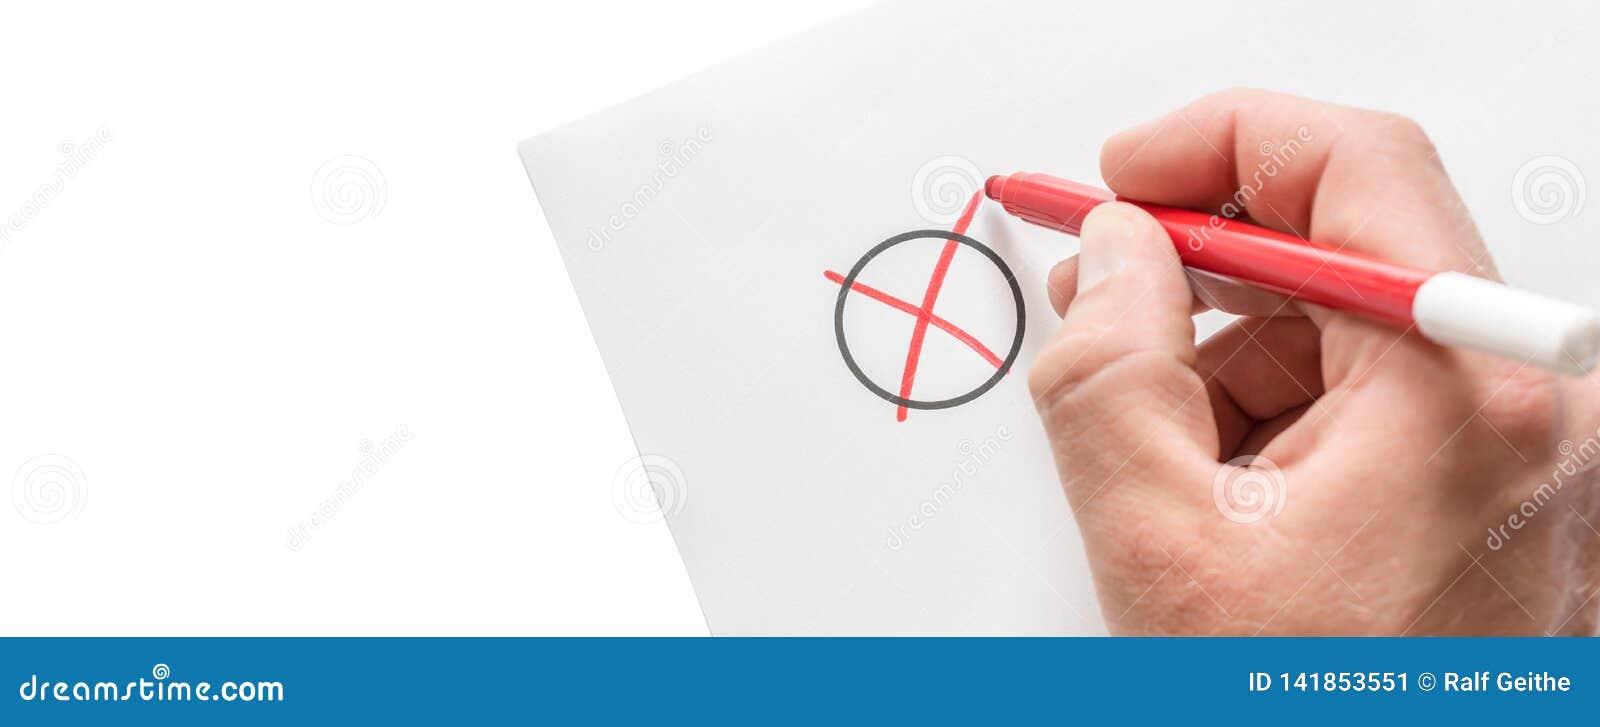 El hombre hace una cruz en un trozo de papel como símbolo de una opción con el espacio de la copia